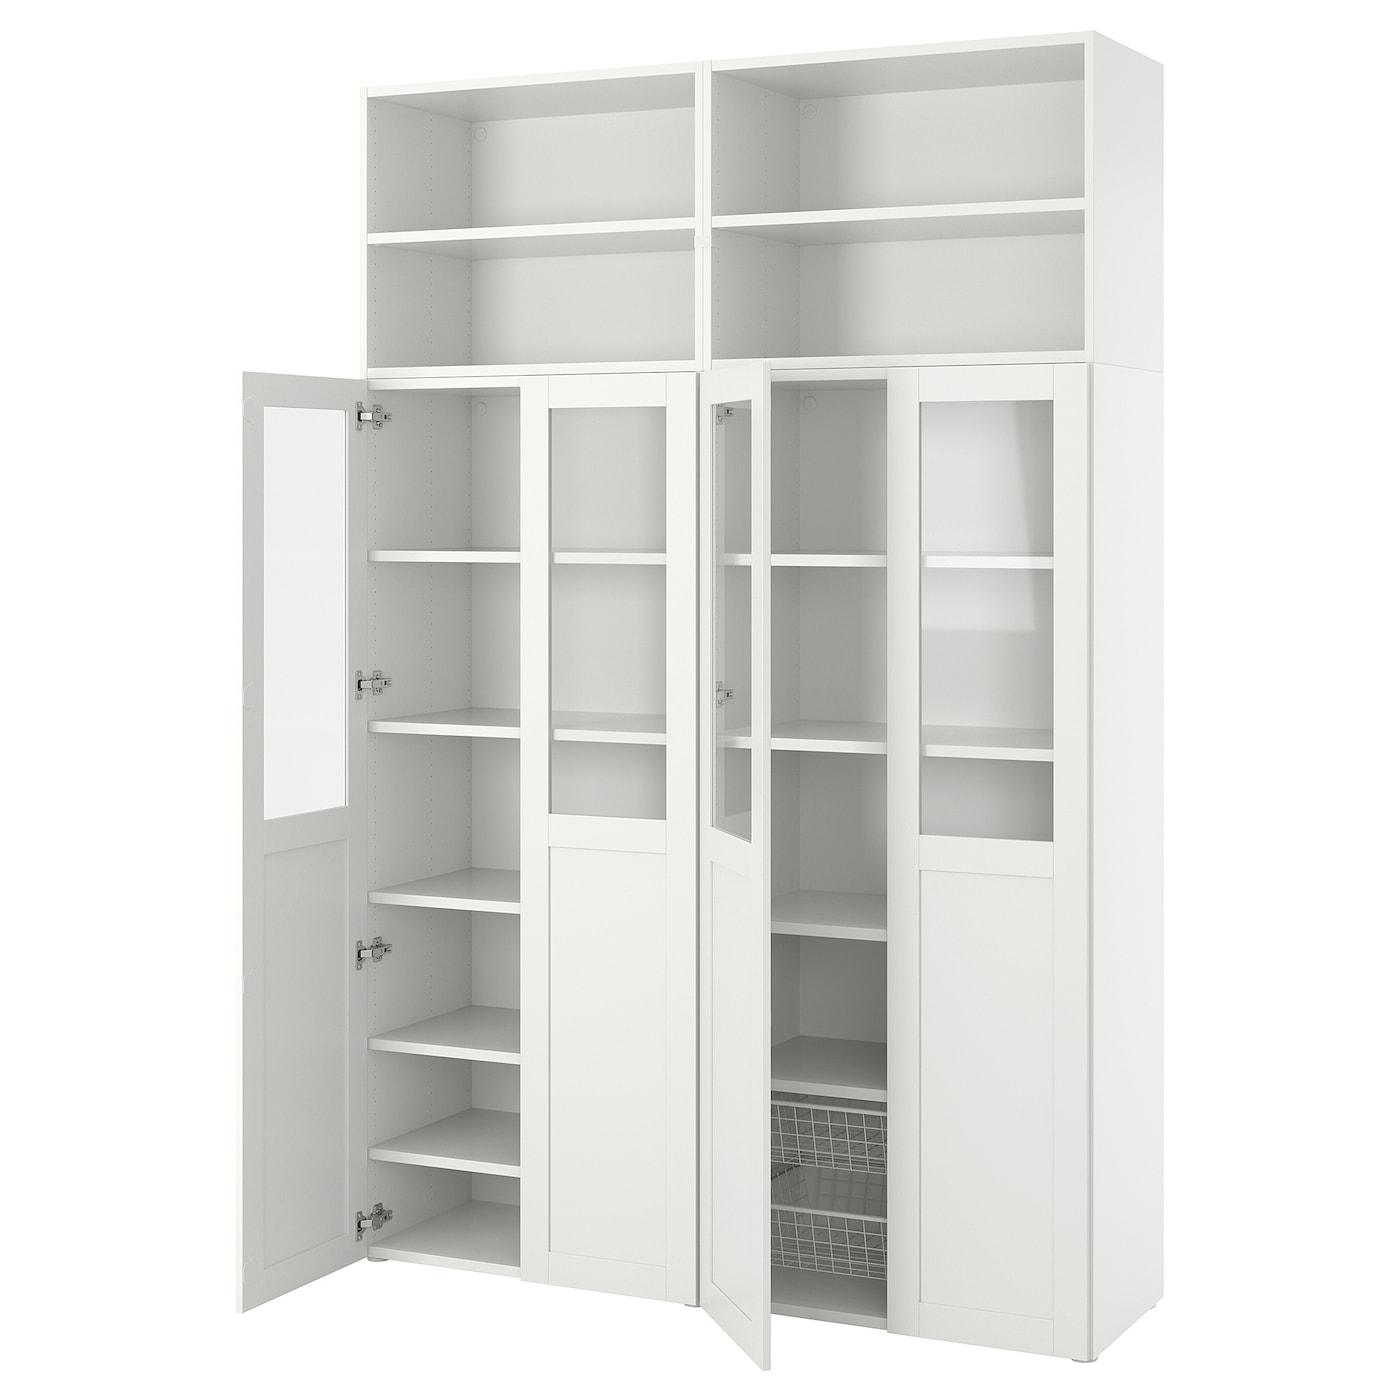 PLATSA Shelving Combinations IKEA